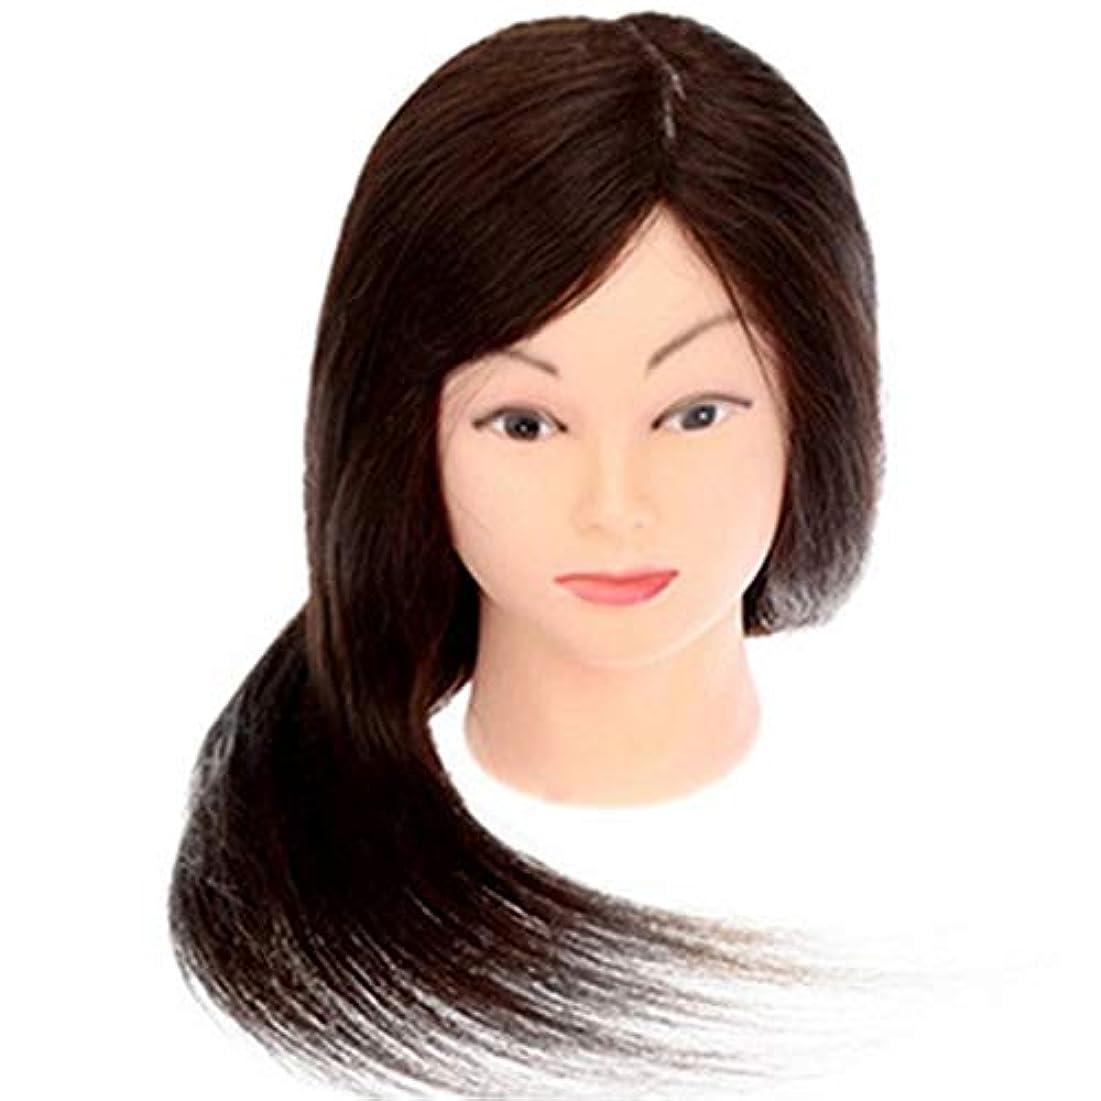 これらプロフィールサポートメイクアップエクササイズディスク髪編組ヘッド金型デュアルユースダミーヘッドモデルヘッド美容ヘアカットティーチングヘッドかつら